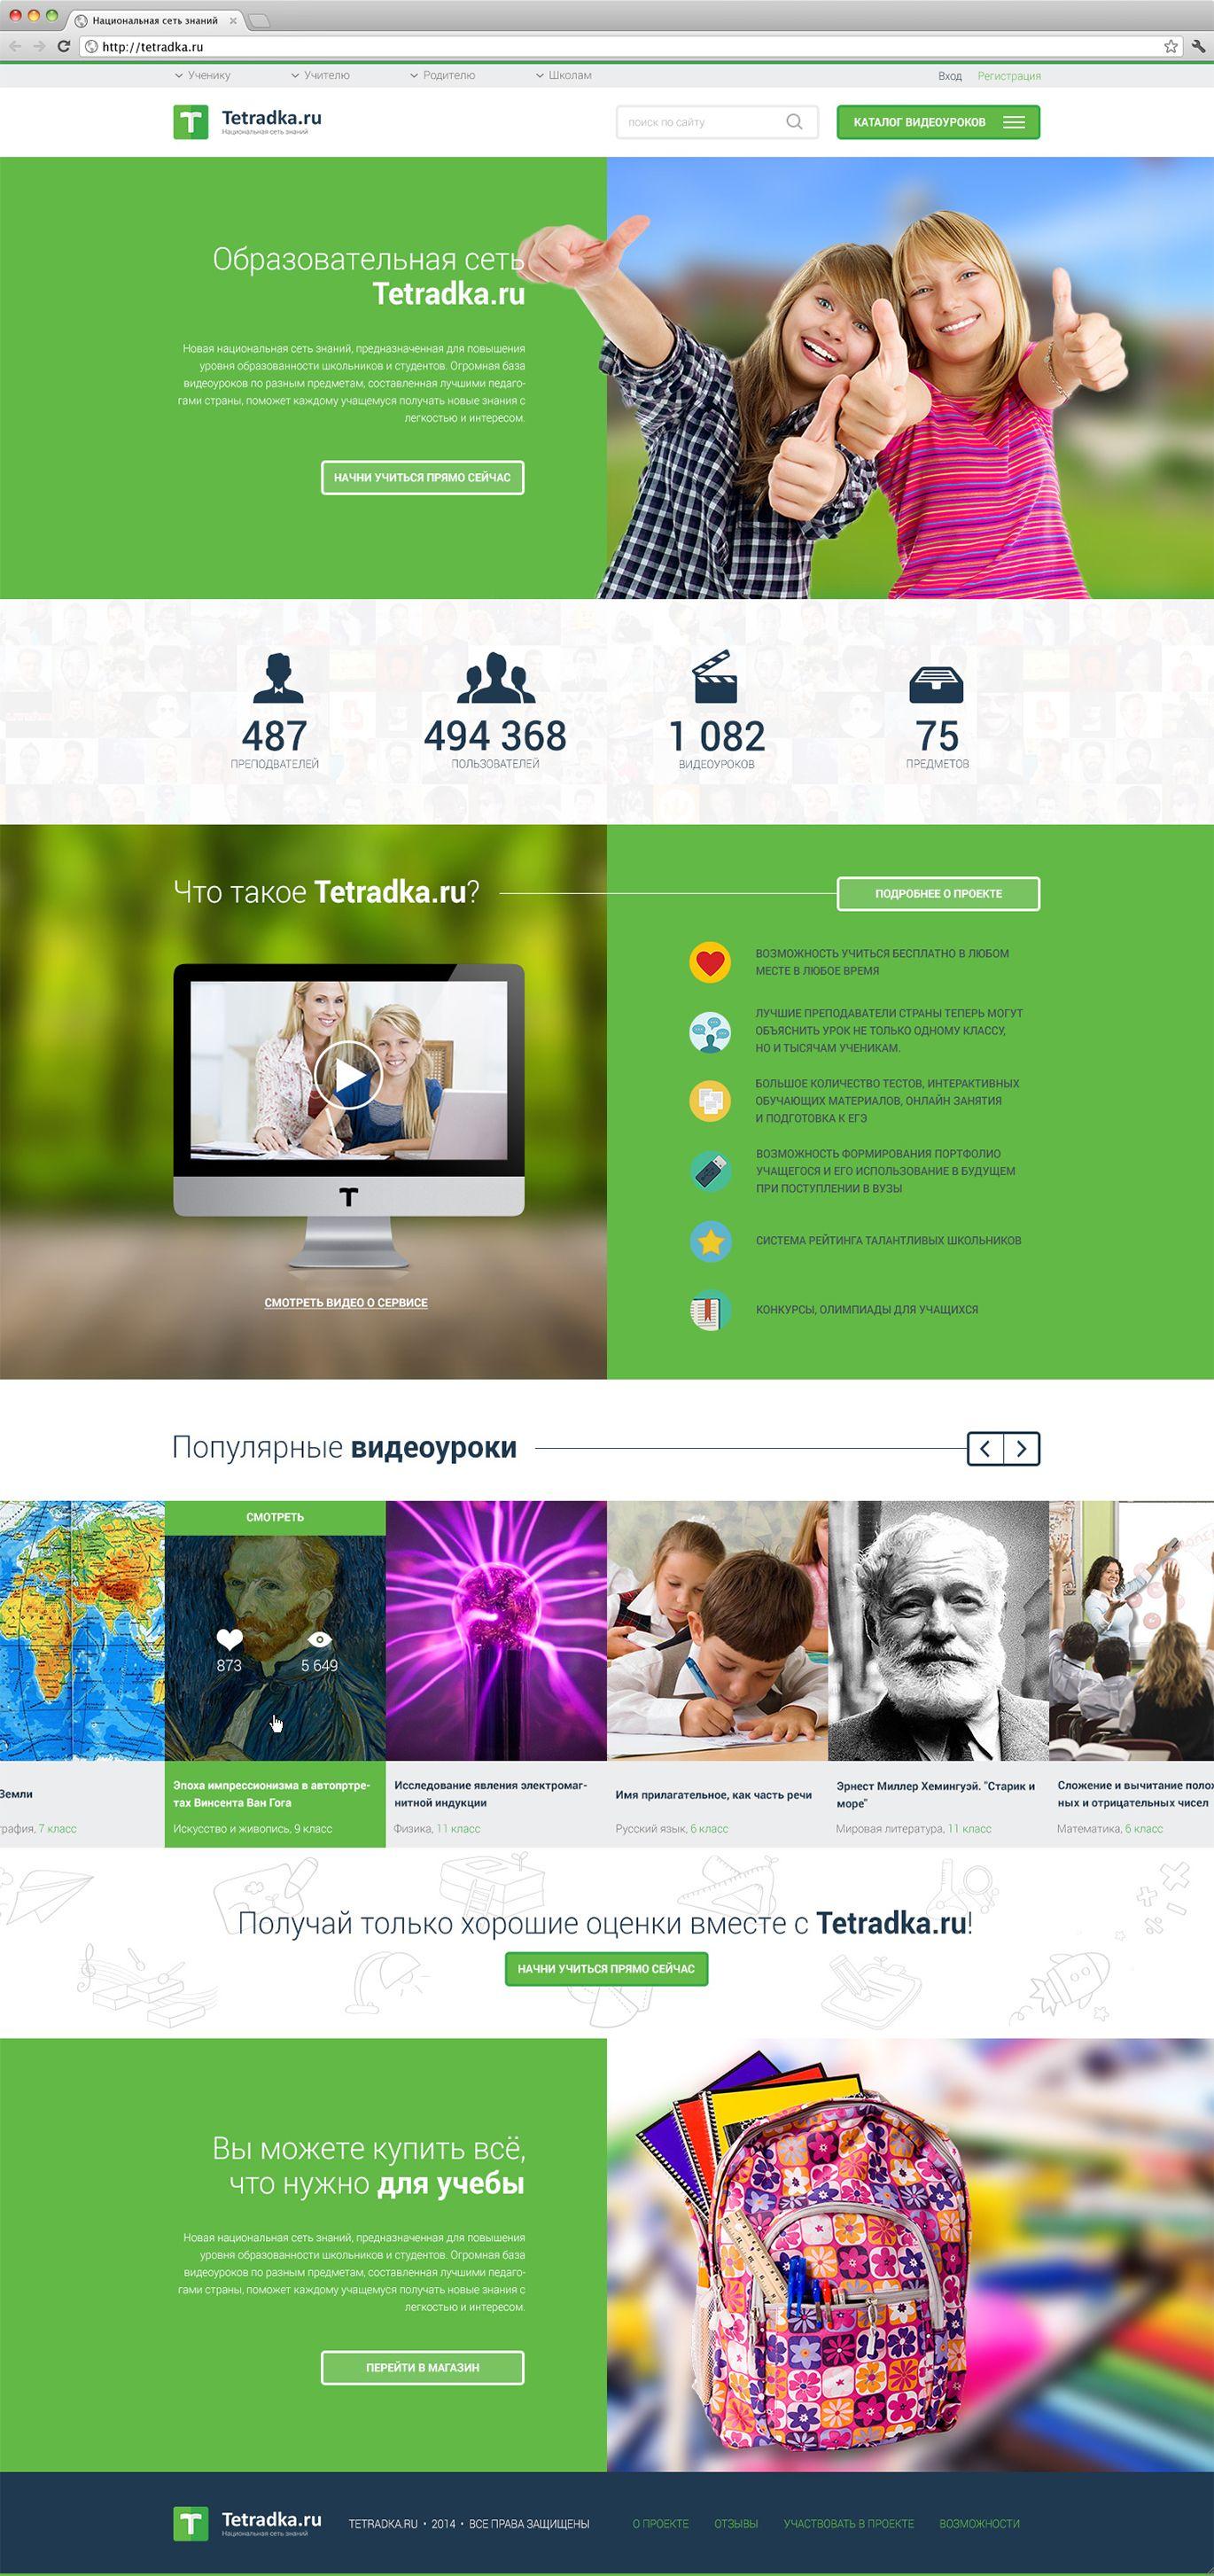 Главная страница образовательной сети tetradka.ru - дизайнер Meln1k